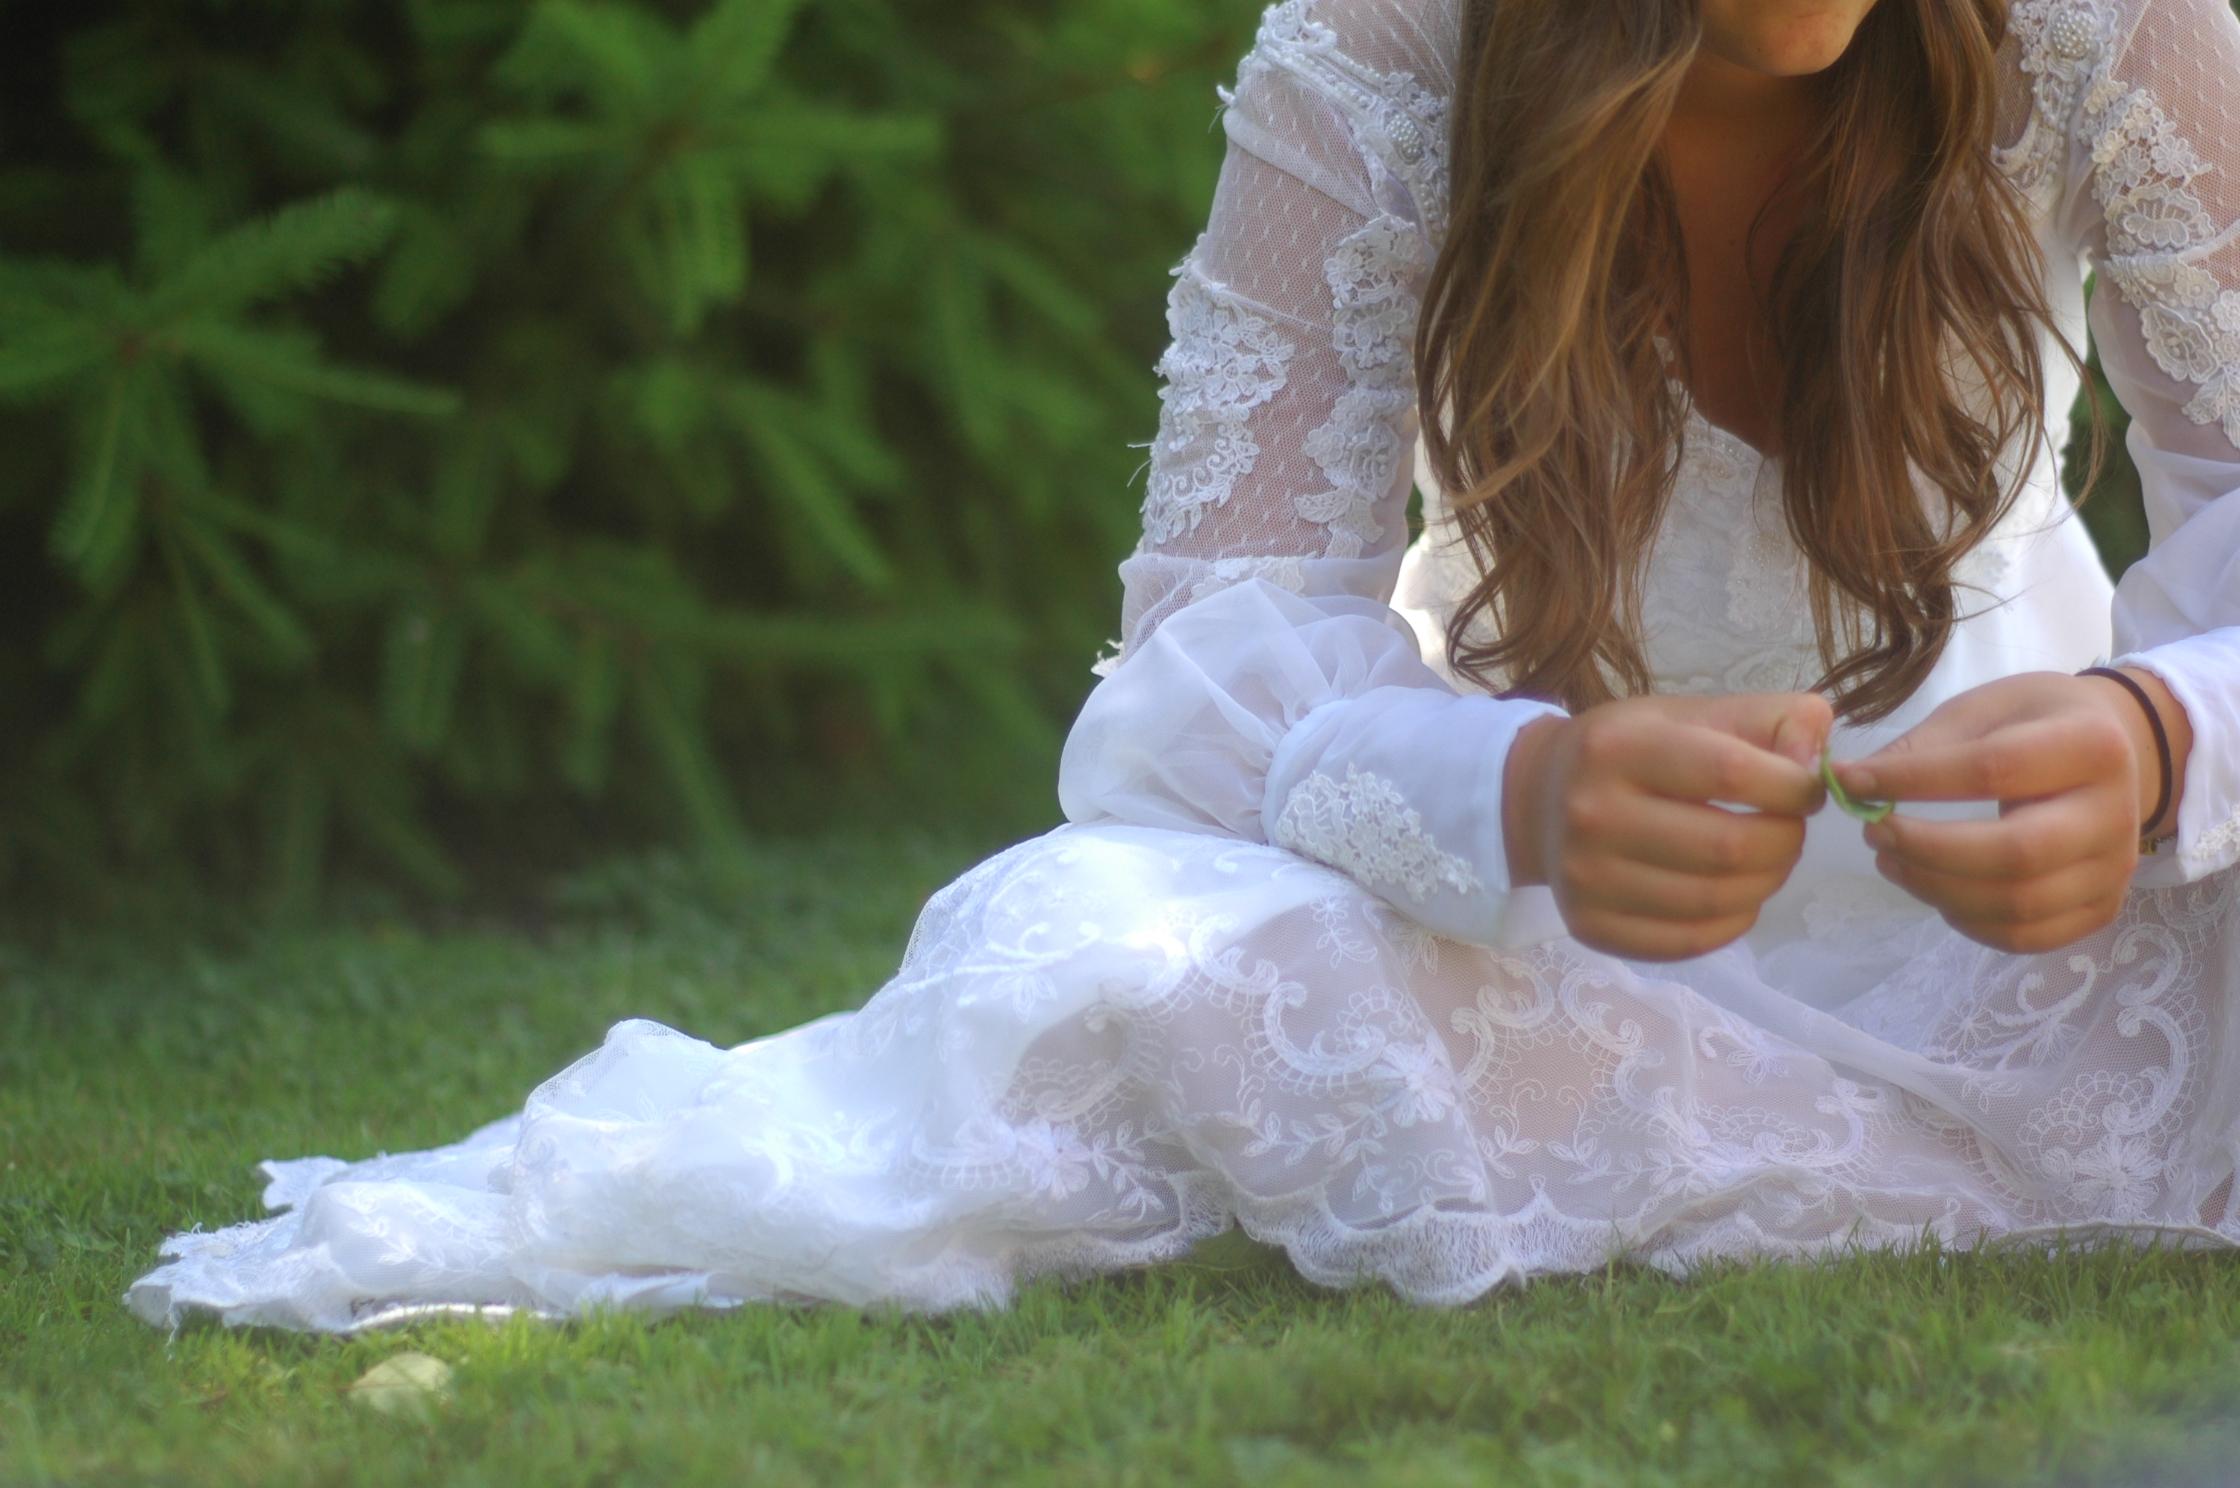 Rüyada Beyaz Elbise Giyen Kadın Görmek